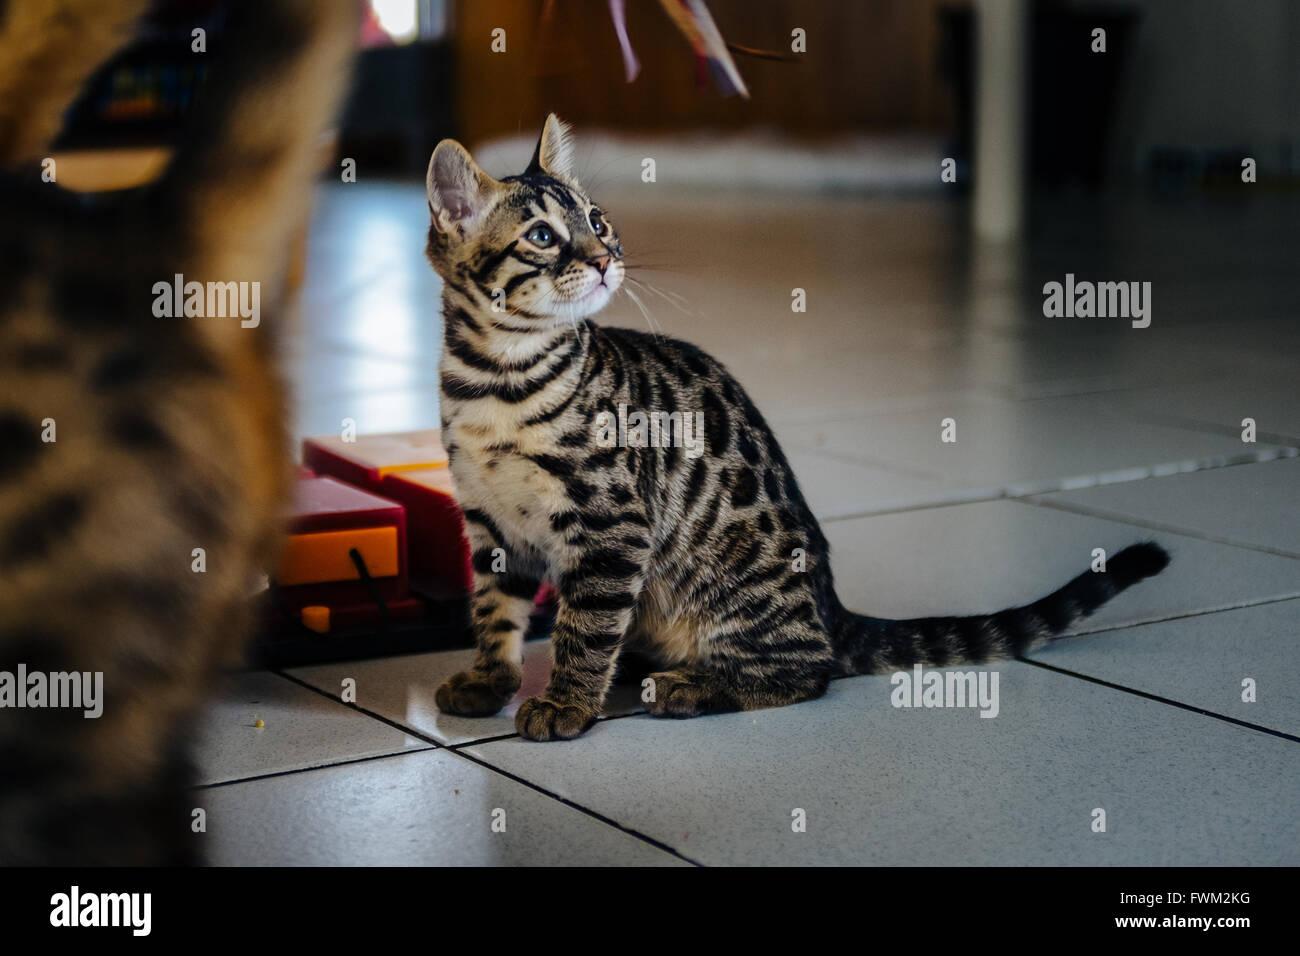 Gatto seduto sul pavimento di piastrelle a casa foto immagine